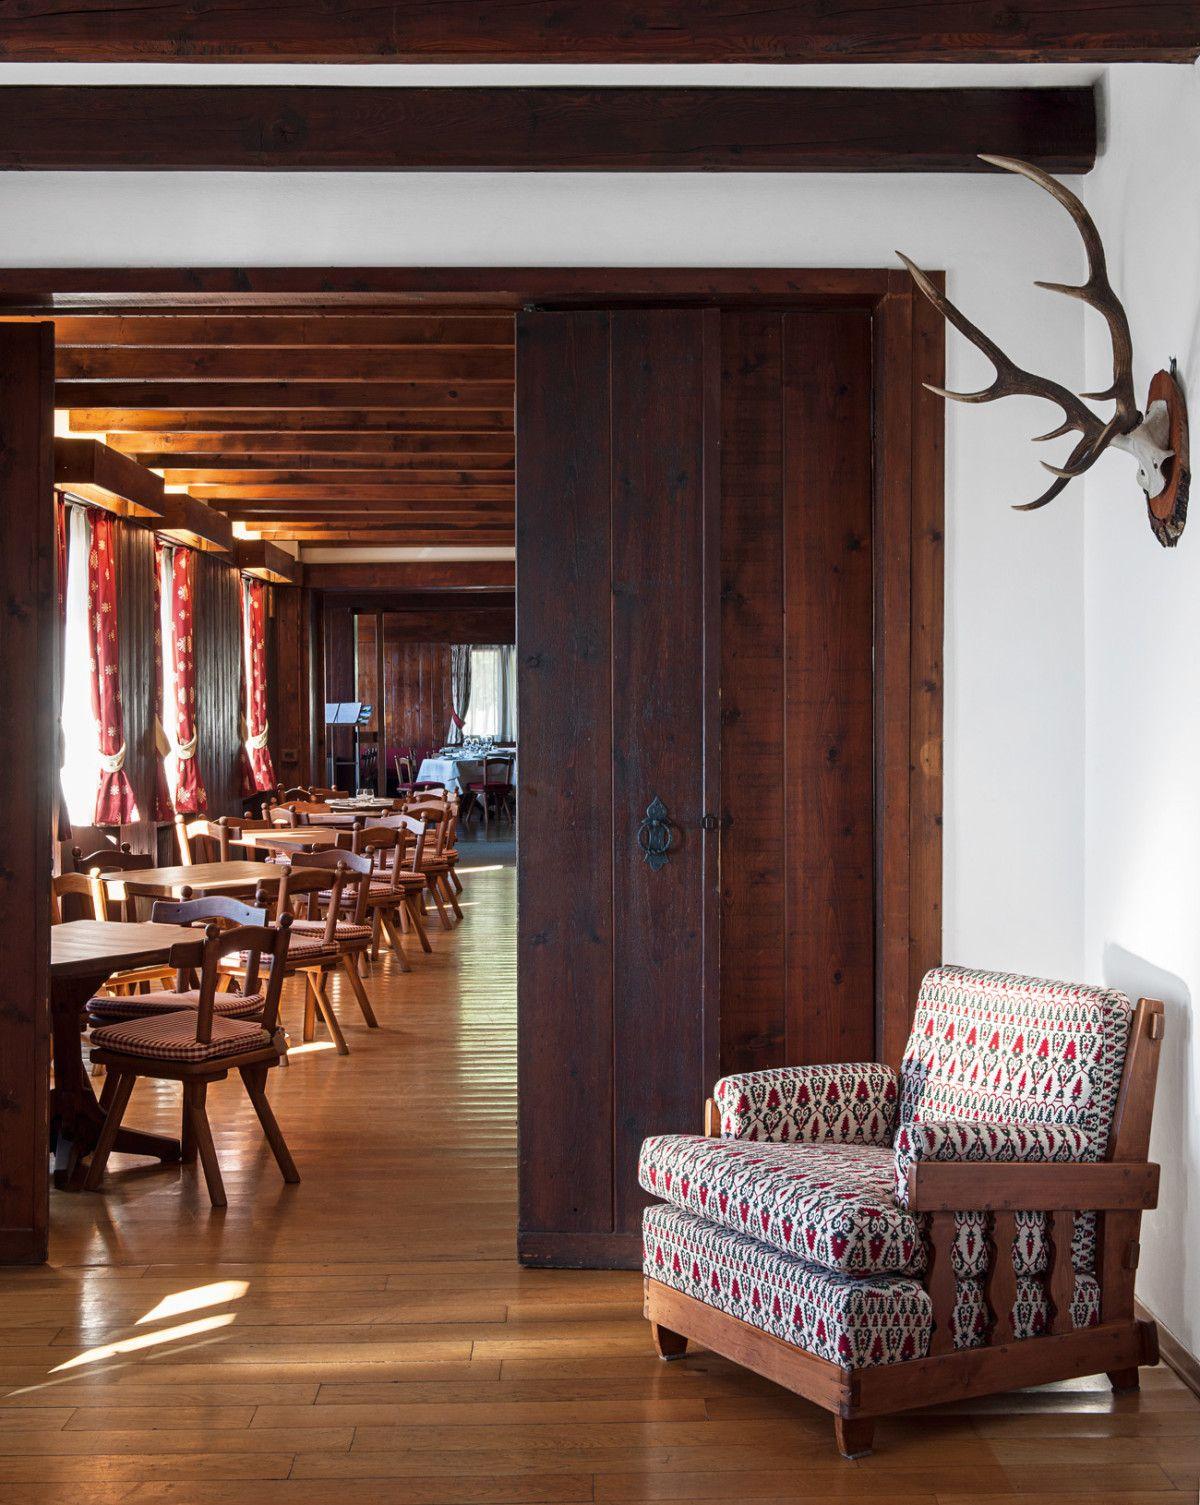 29e1195710f3f filippo e nicolò corbellaro architetti   restauro di albergo bucaneve